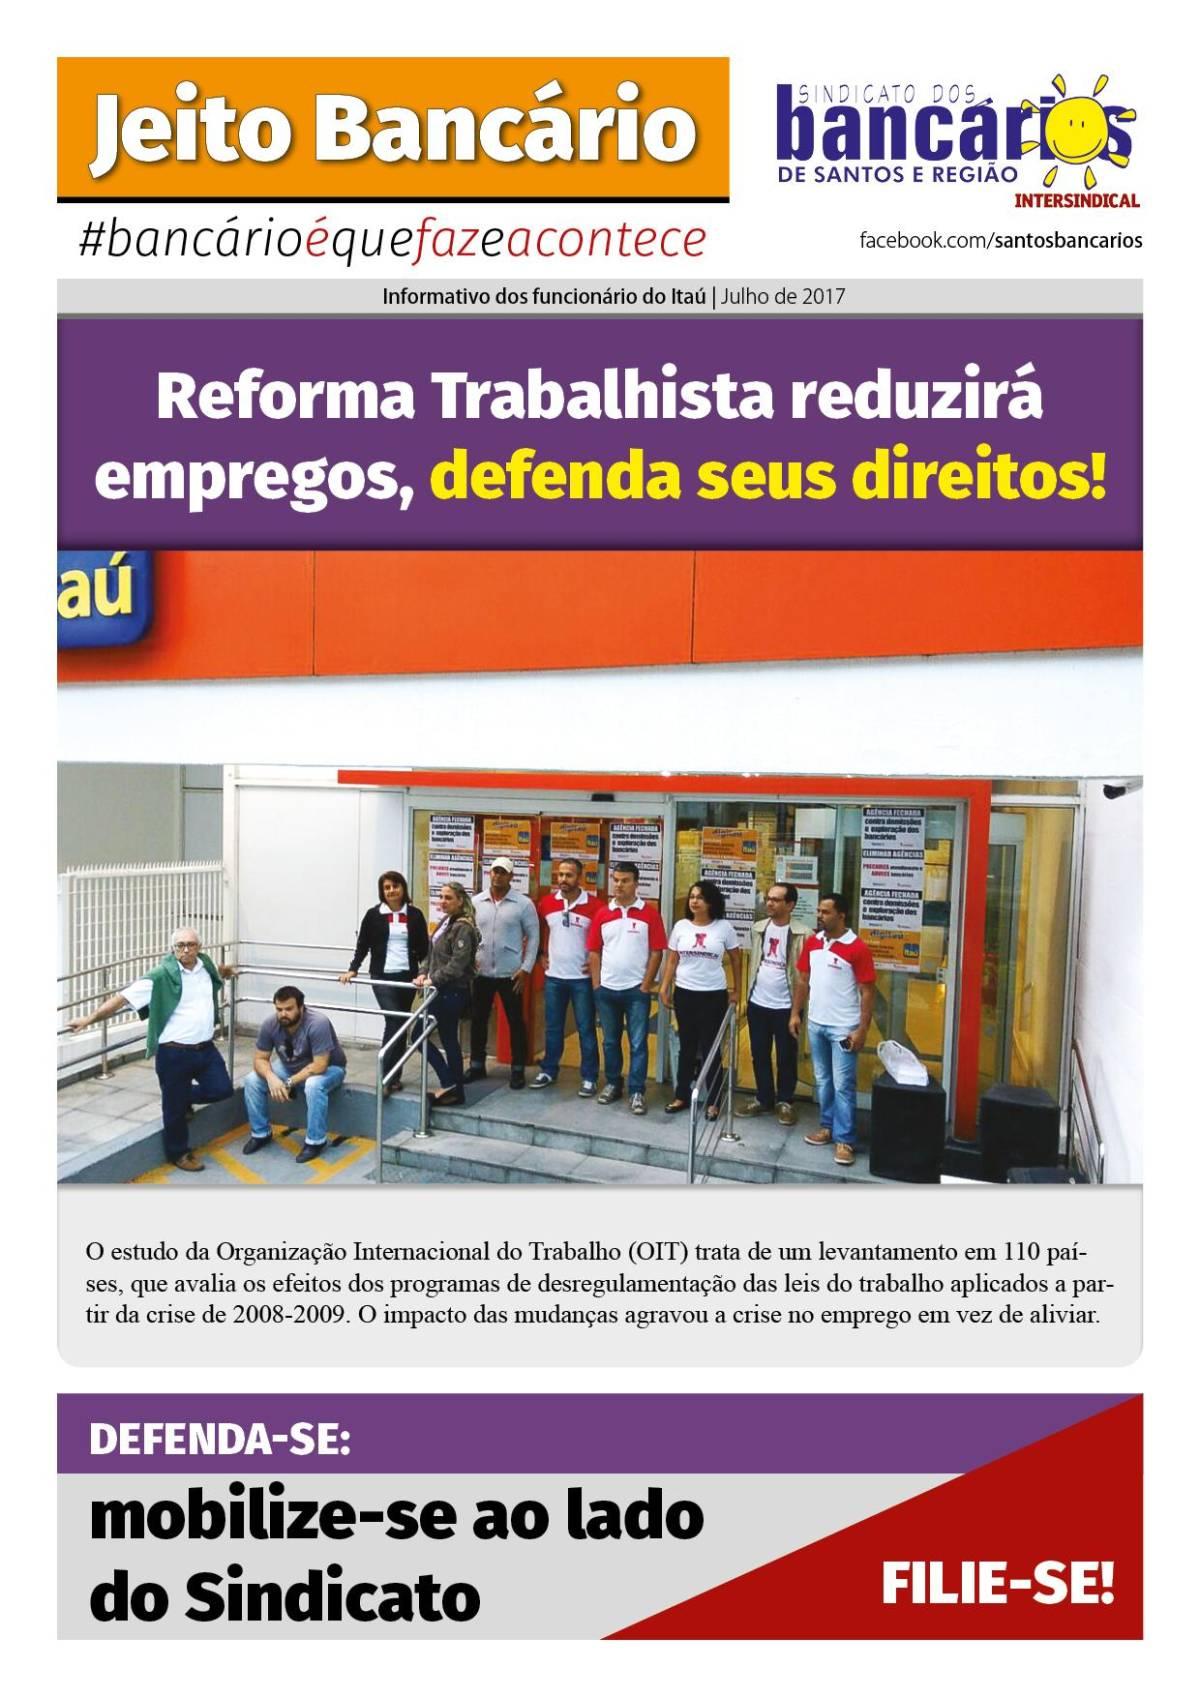 Reforma Trabalhista reduzirá empregos, defenda seus direitos!